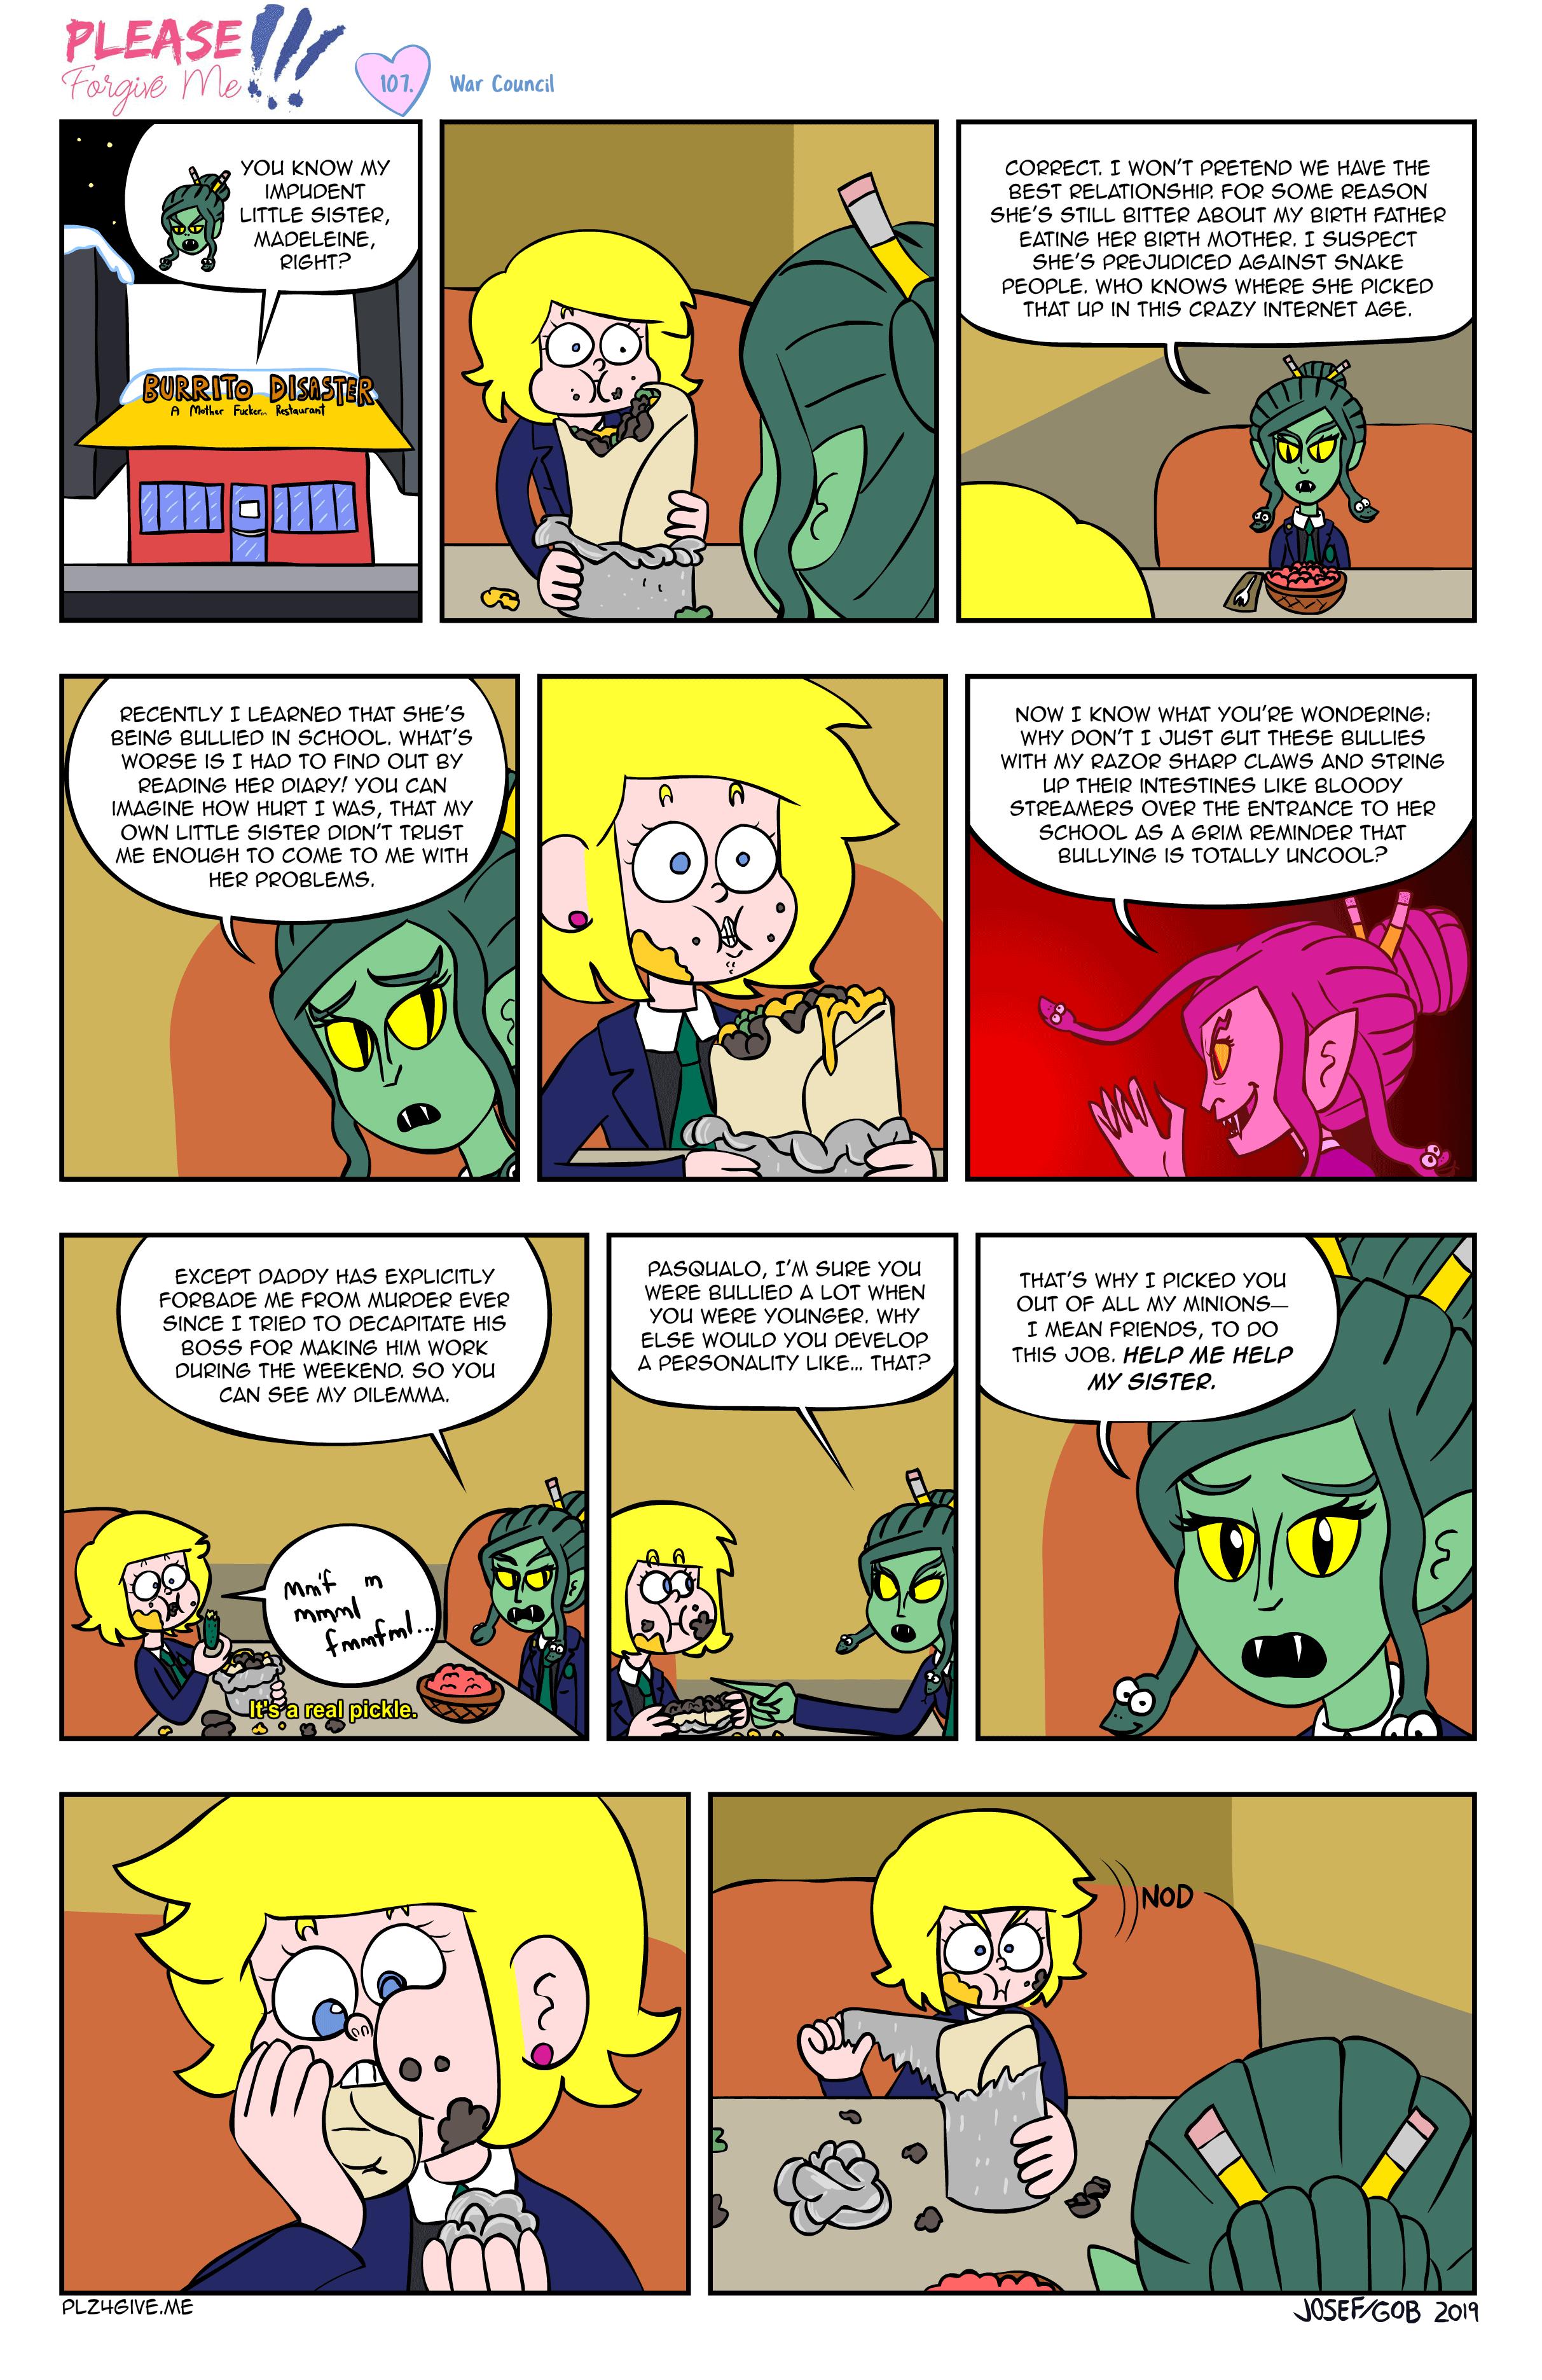 107: War Council